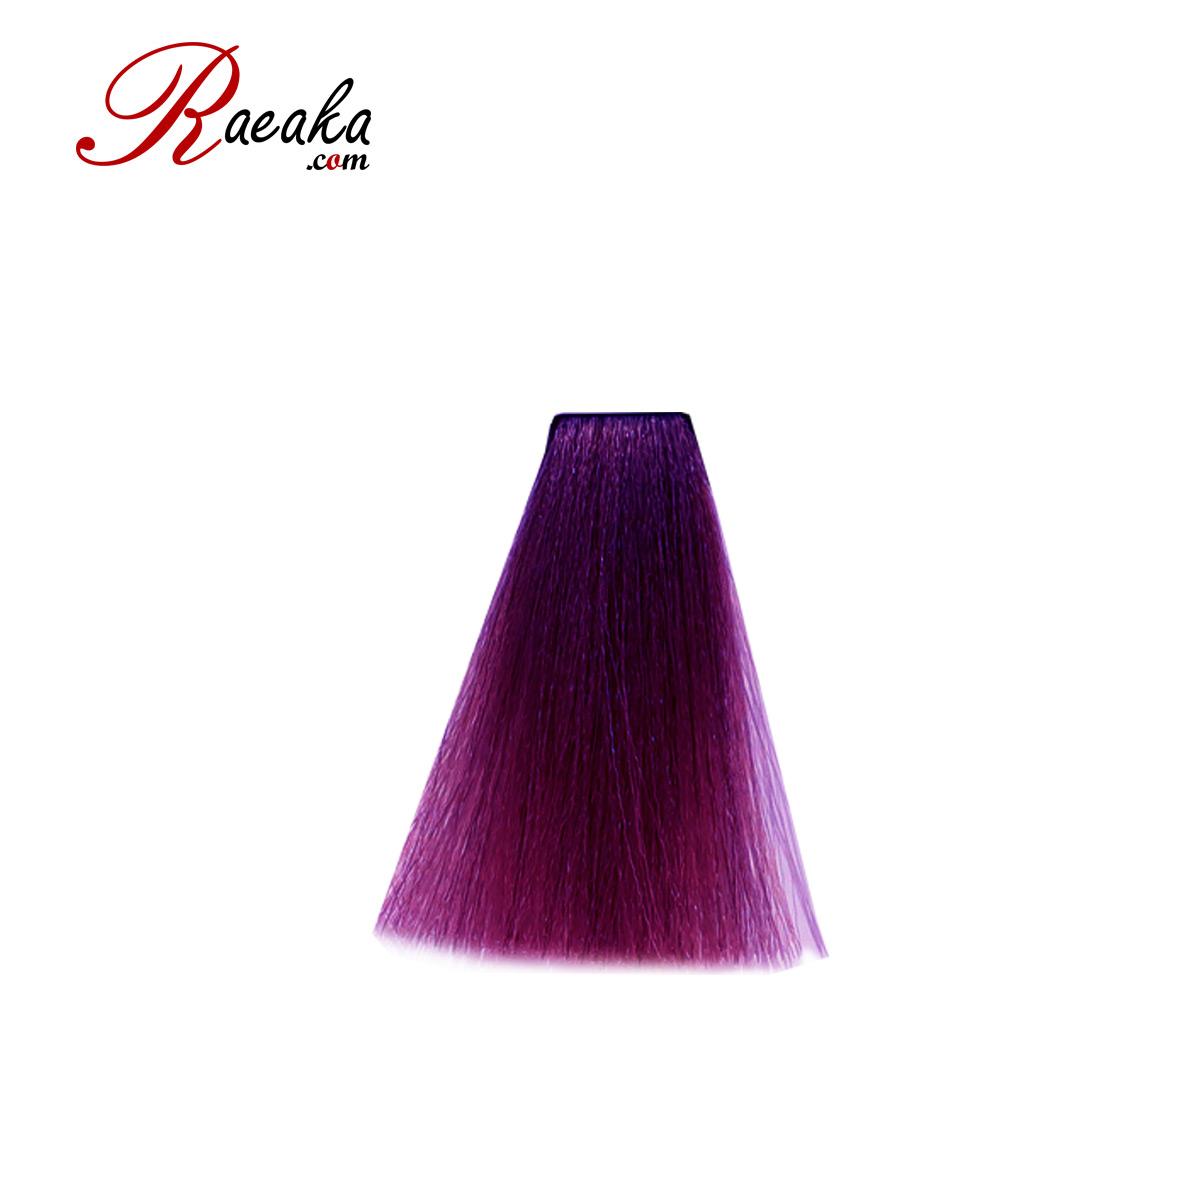 رنگ مو دوشس سری شرابی شماره 20-6 حجم 125 میلی لیتر